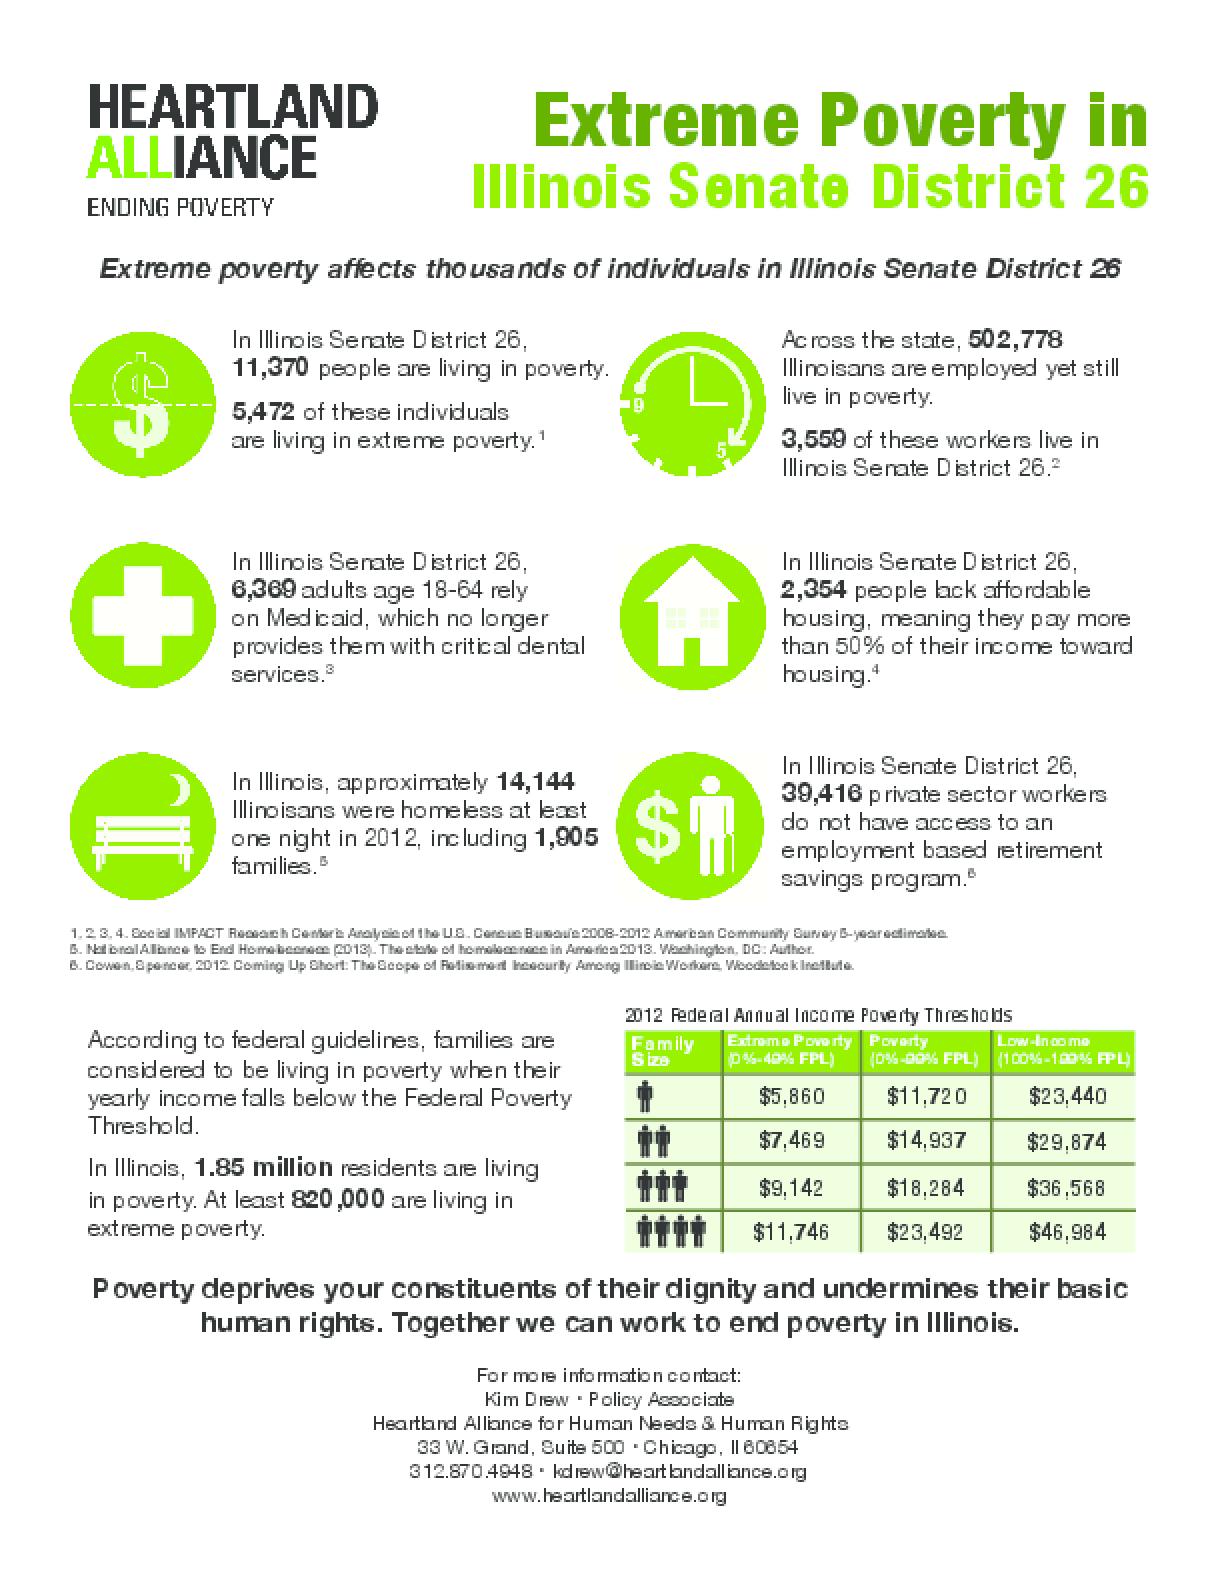 Poverty Fact Sheet for Illinois Senate District 26